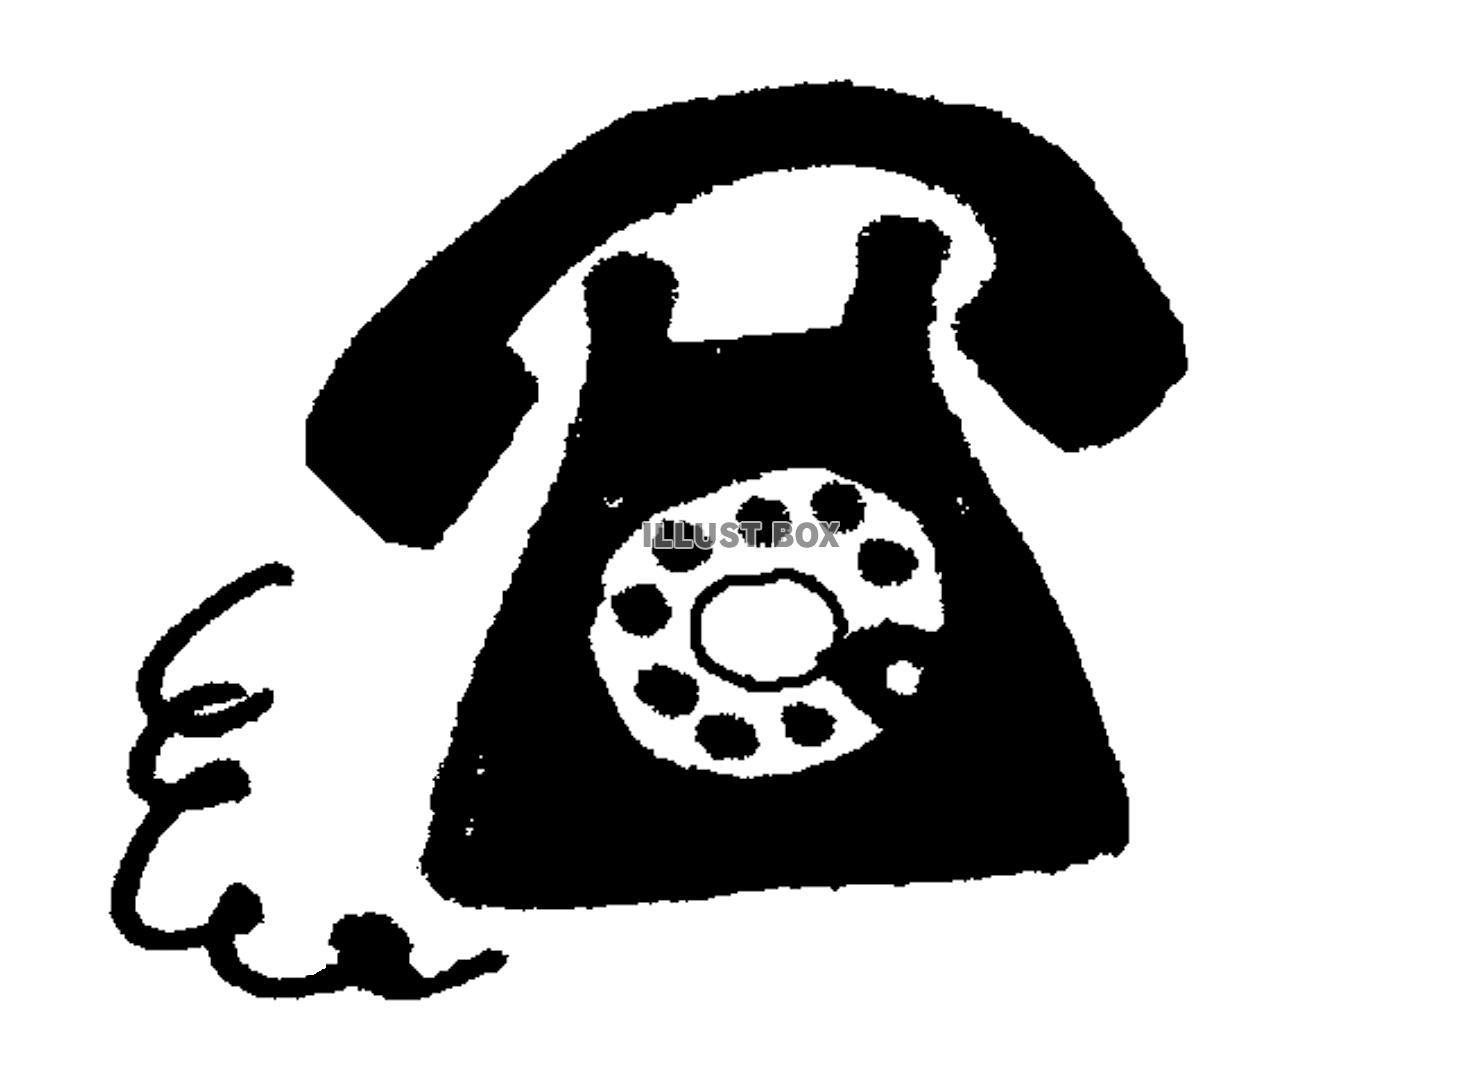 無料イラスト 【透過png】黒電話【ワンポイント】